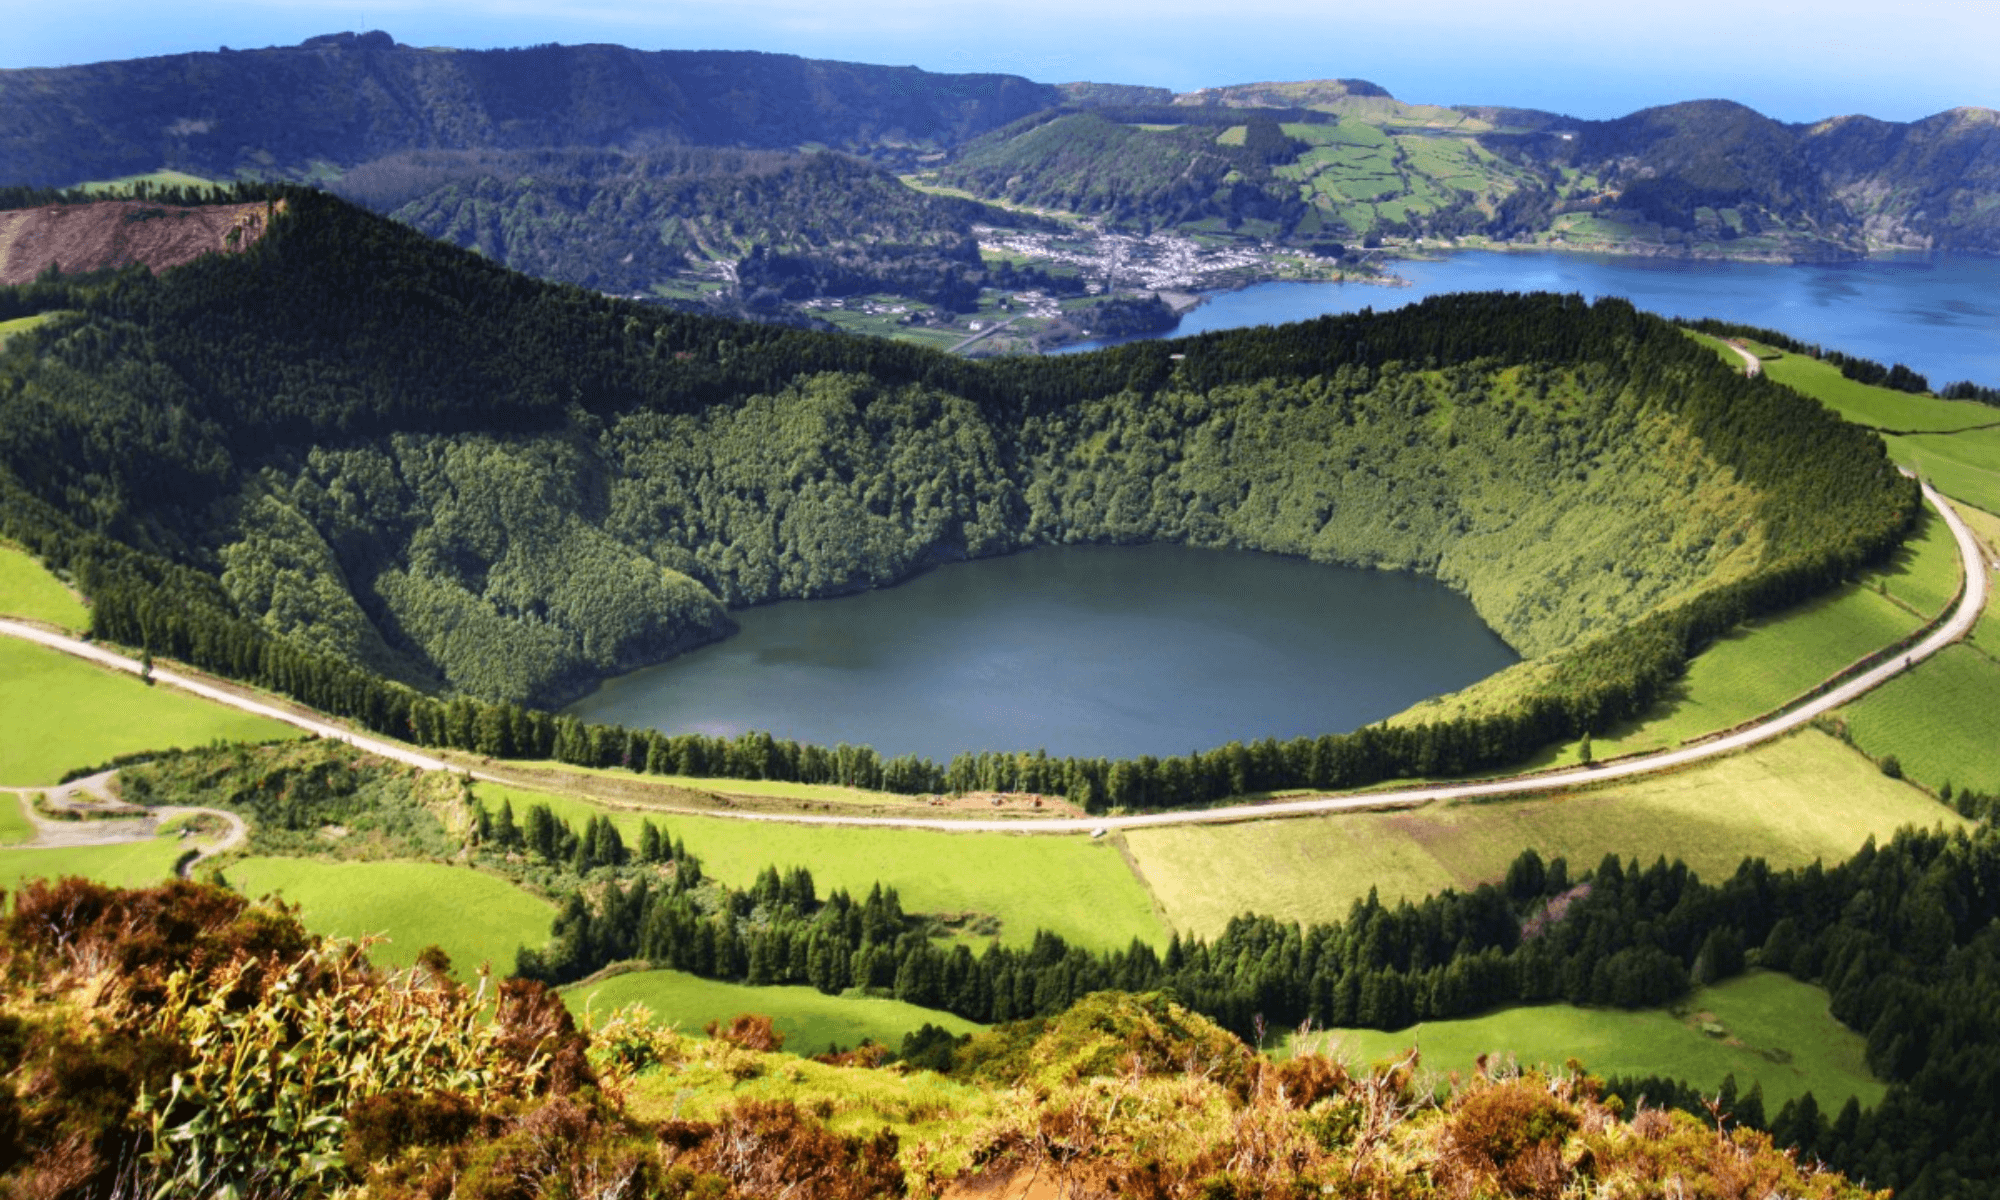 Qué ver en Islas Azores, el único archipiélago del mundo con un certificado de destino turístico sostenible